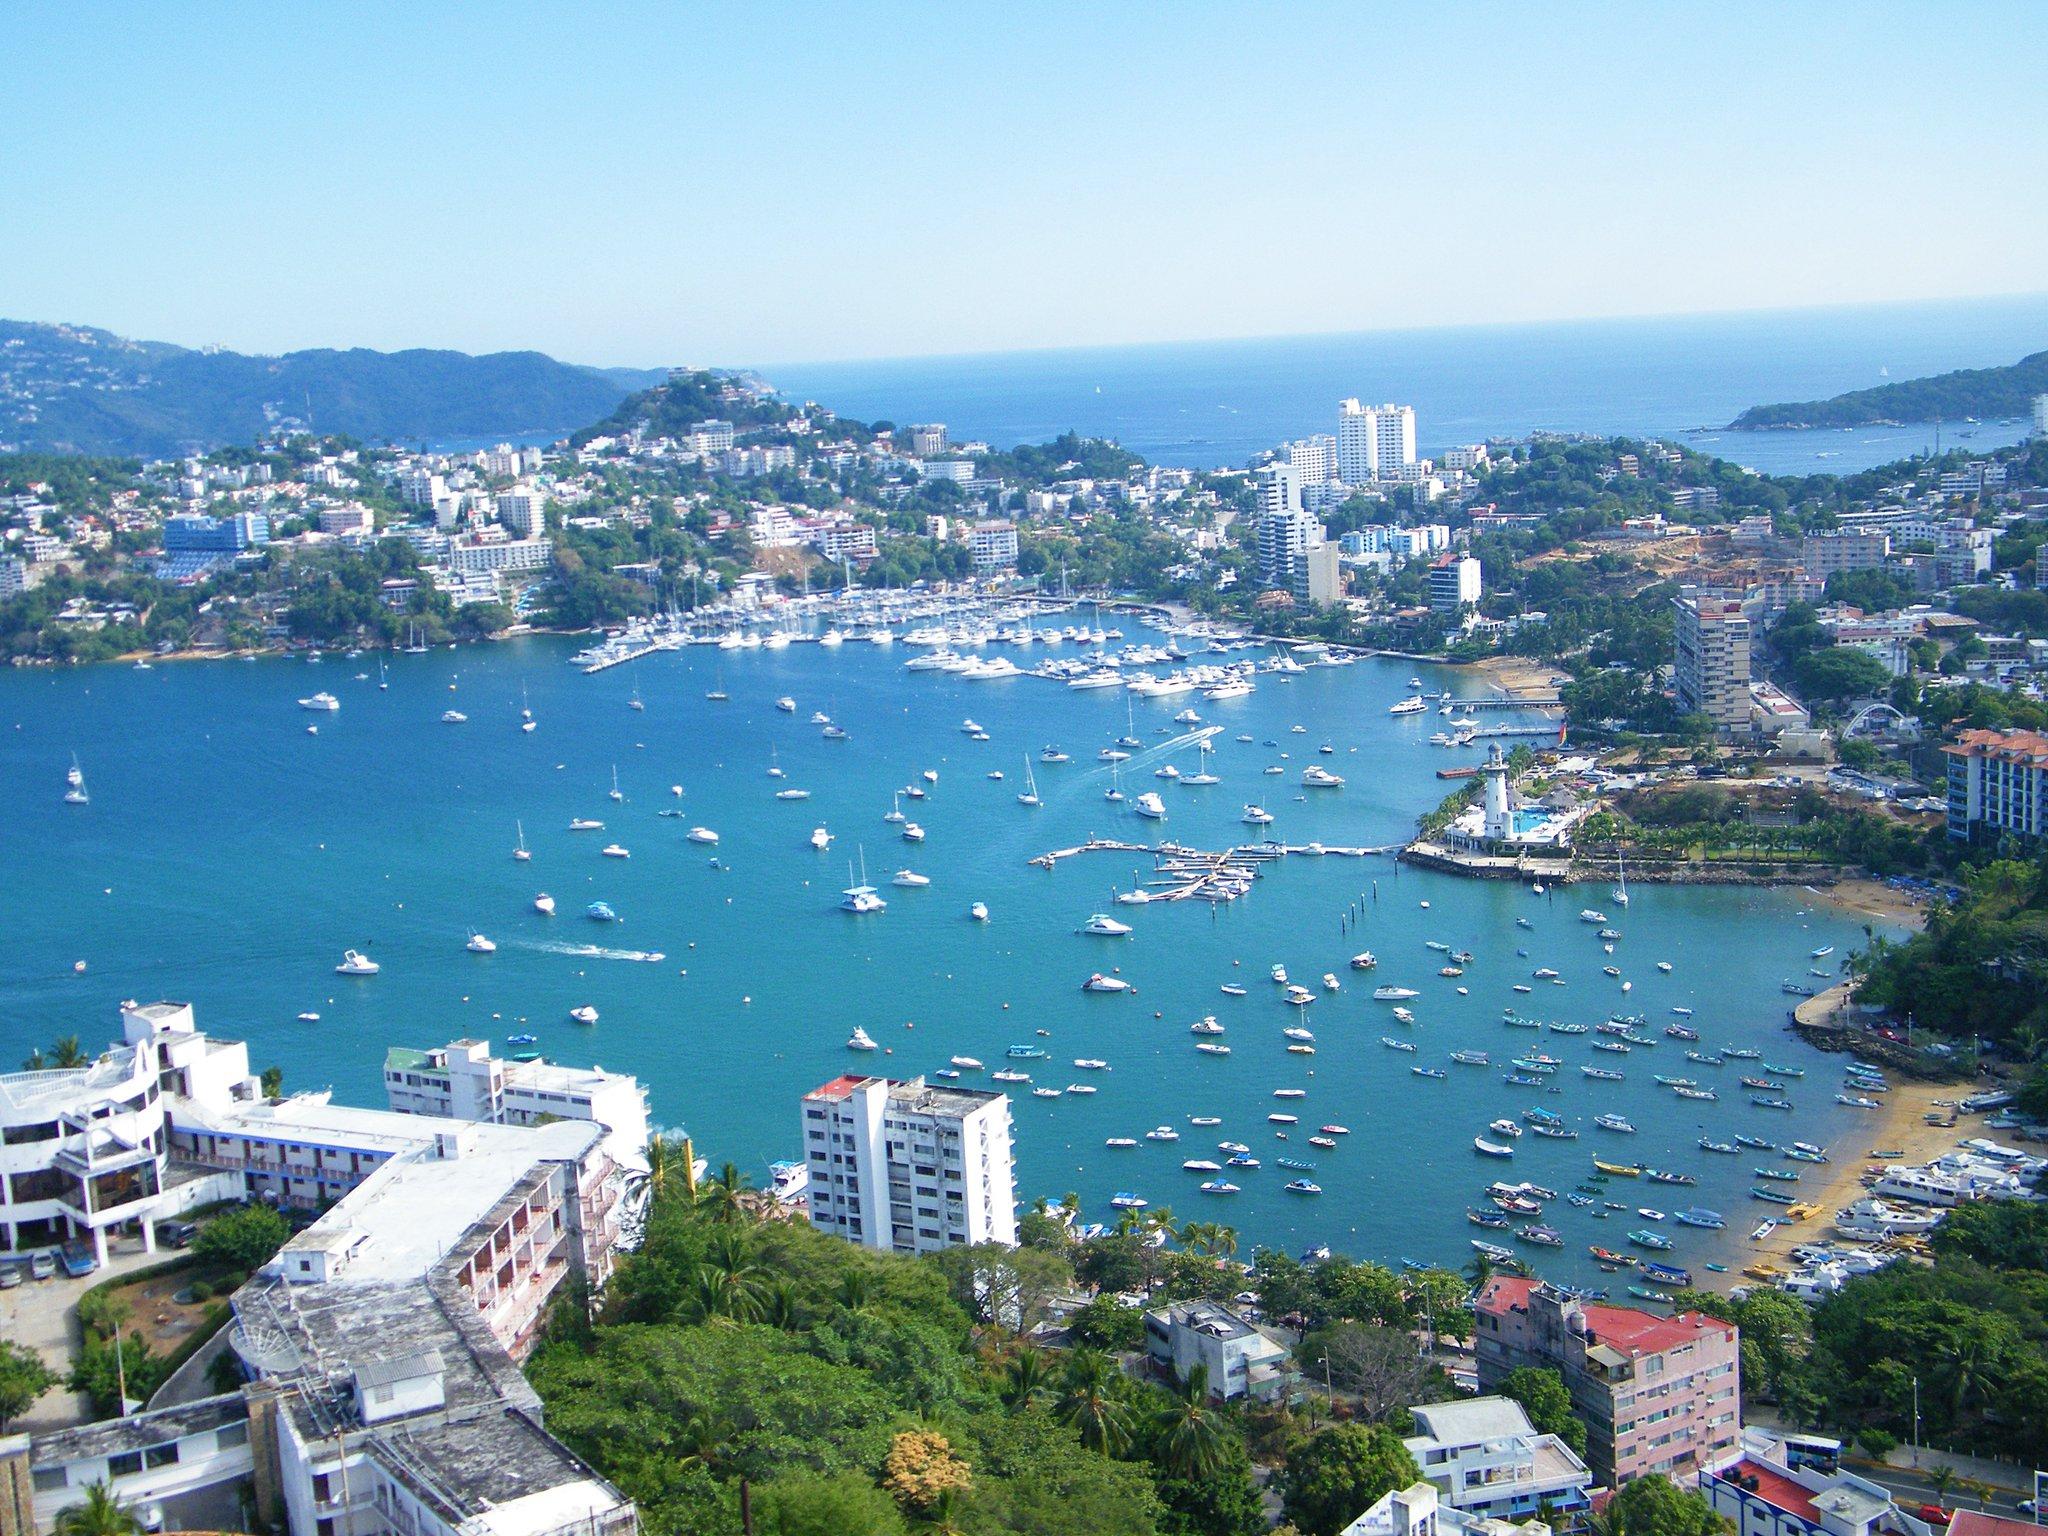 Acapulco - unul dintre cele mai vizitate locuri din Mexic